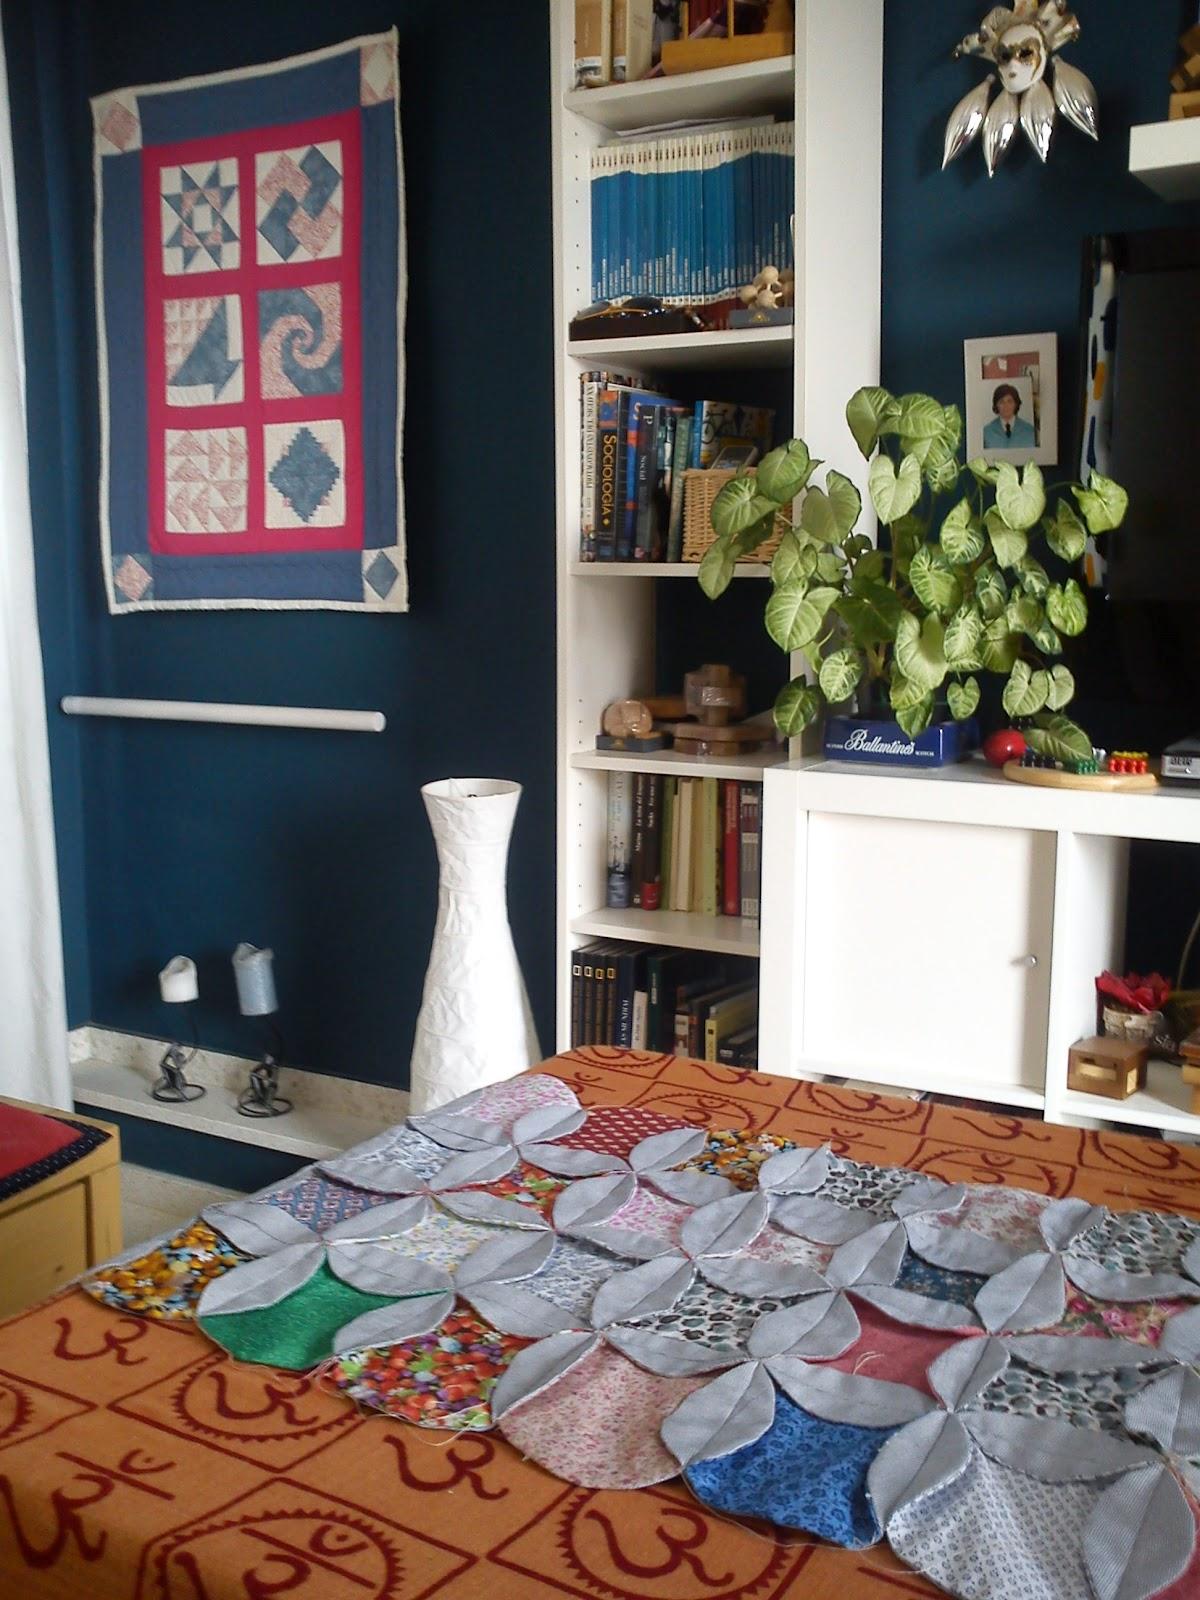 A a abalorios y artesan as trabajos de patchwork en mi casa - Patchwork en casa ...